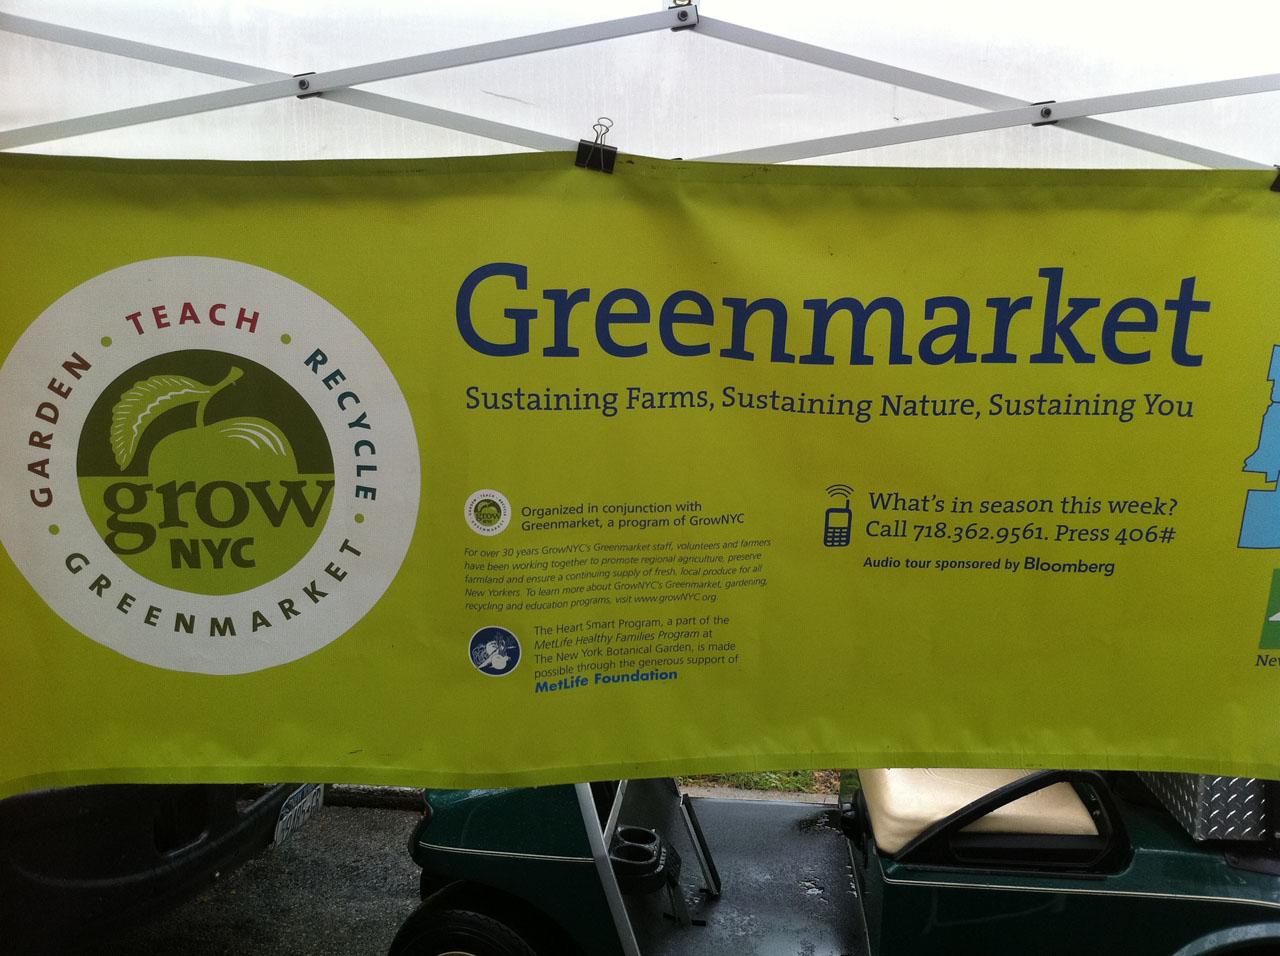 NYBG Greenmarket